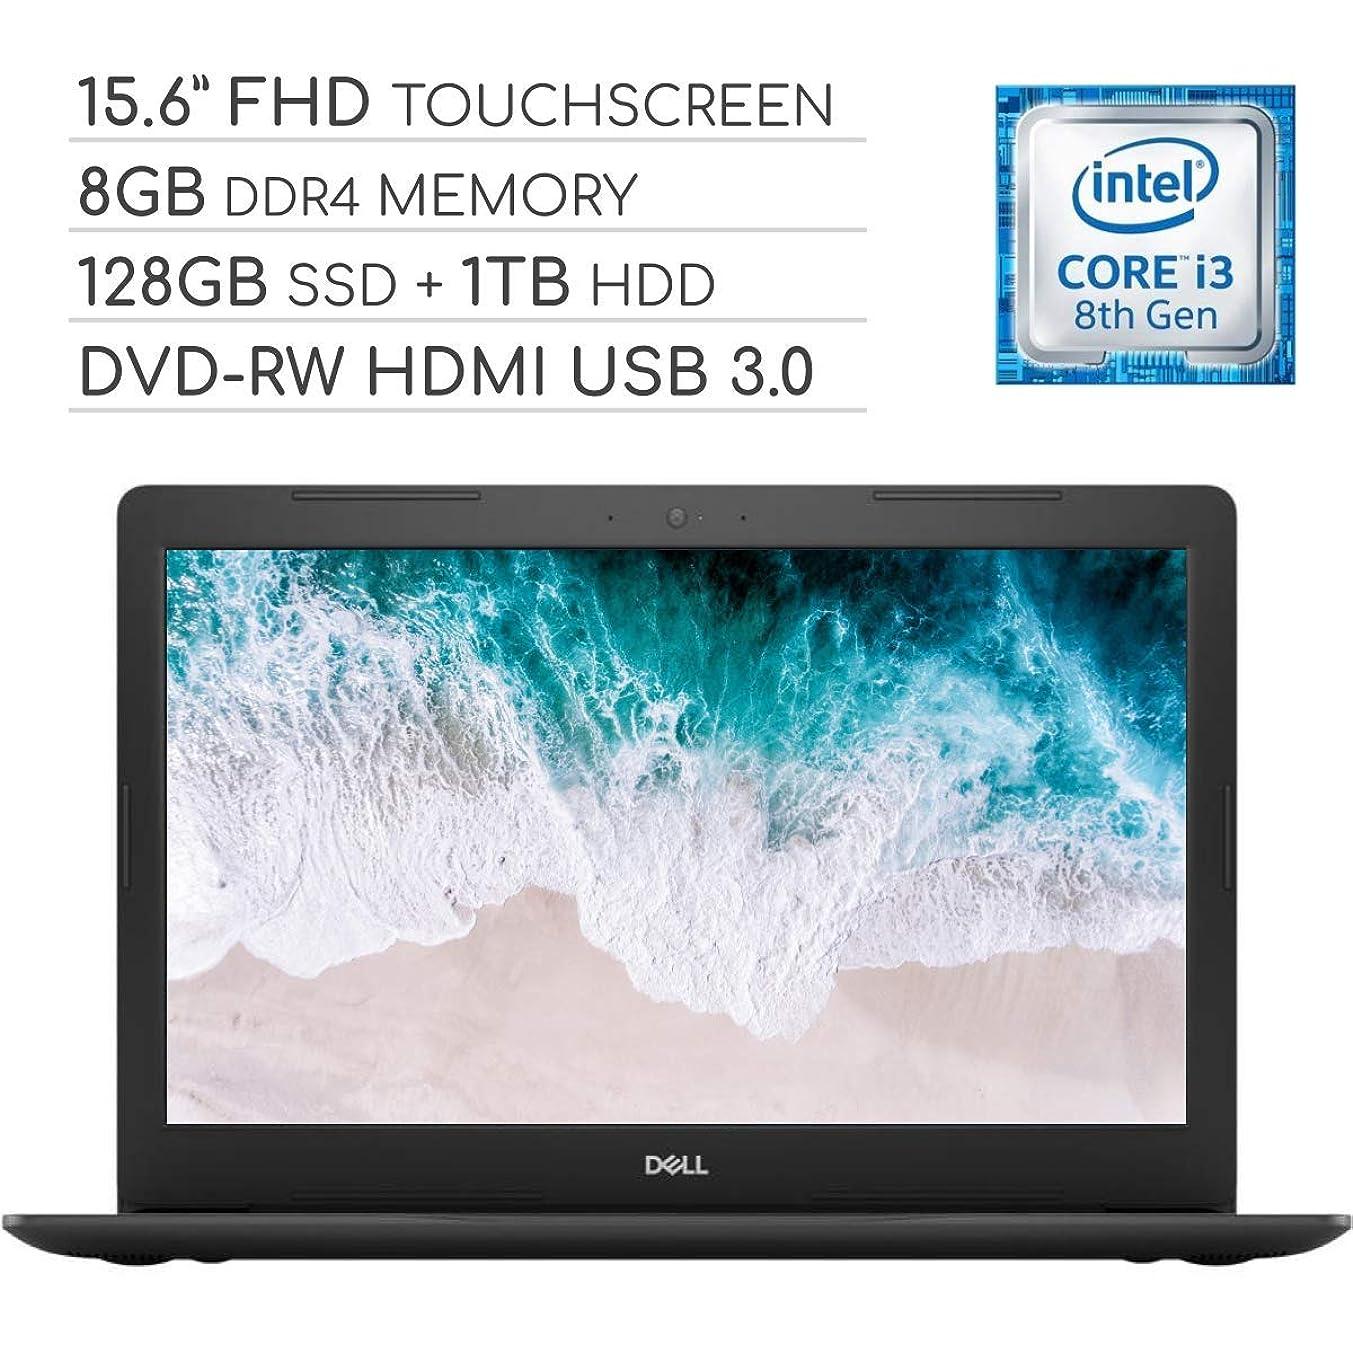 Dell Inspiron 15 5000 Laptop Computer 2019, 15.6 inch FHD Touchscreen Notebook, Intel Core i3-8130U 2.2Ghz, 8GB DDR4 RAM, 128GB SSD + 1TB HDD, DVD-RW, Backlit Keyboard, Wi-Fi, Webcam, Windows 10